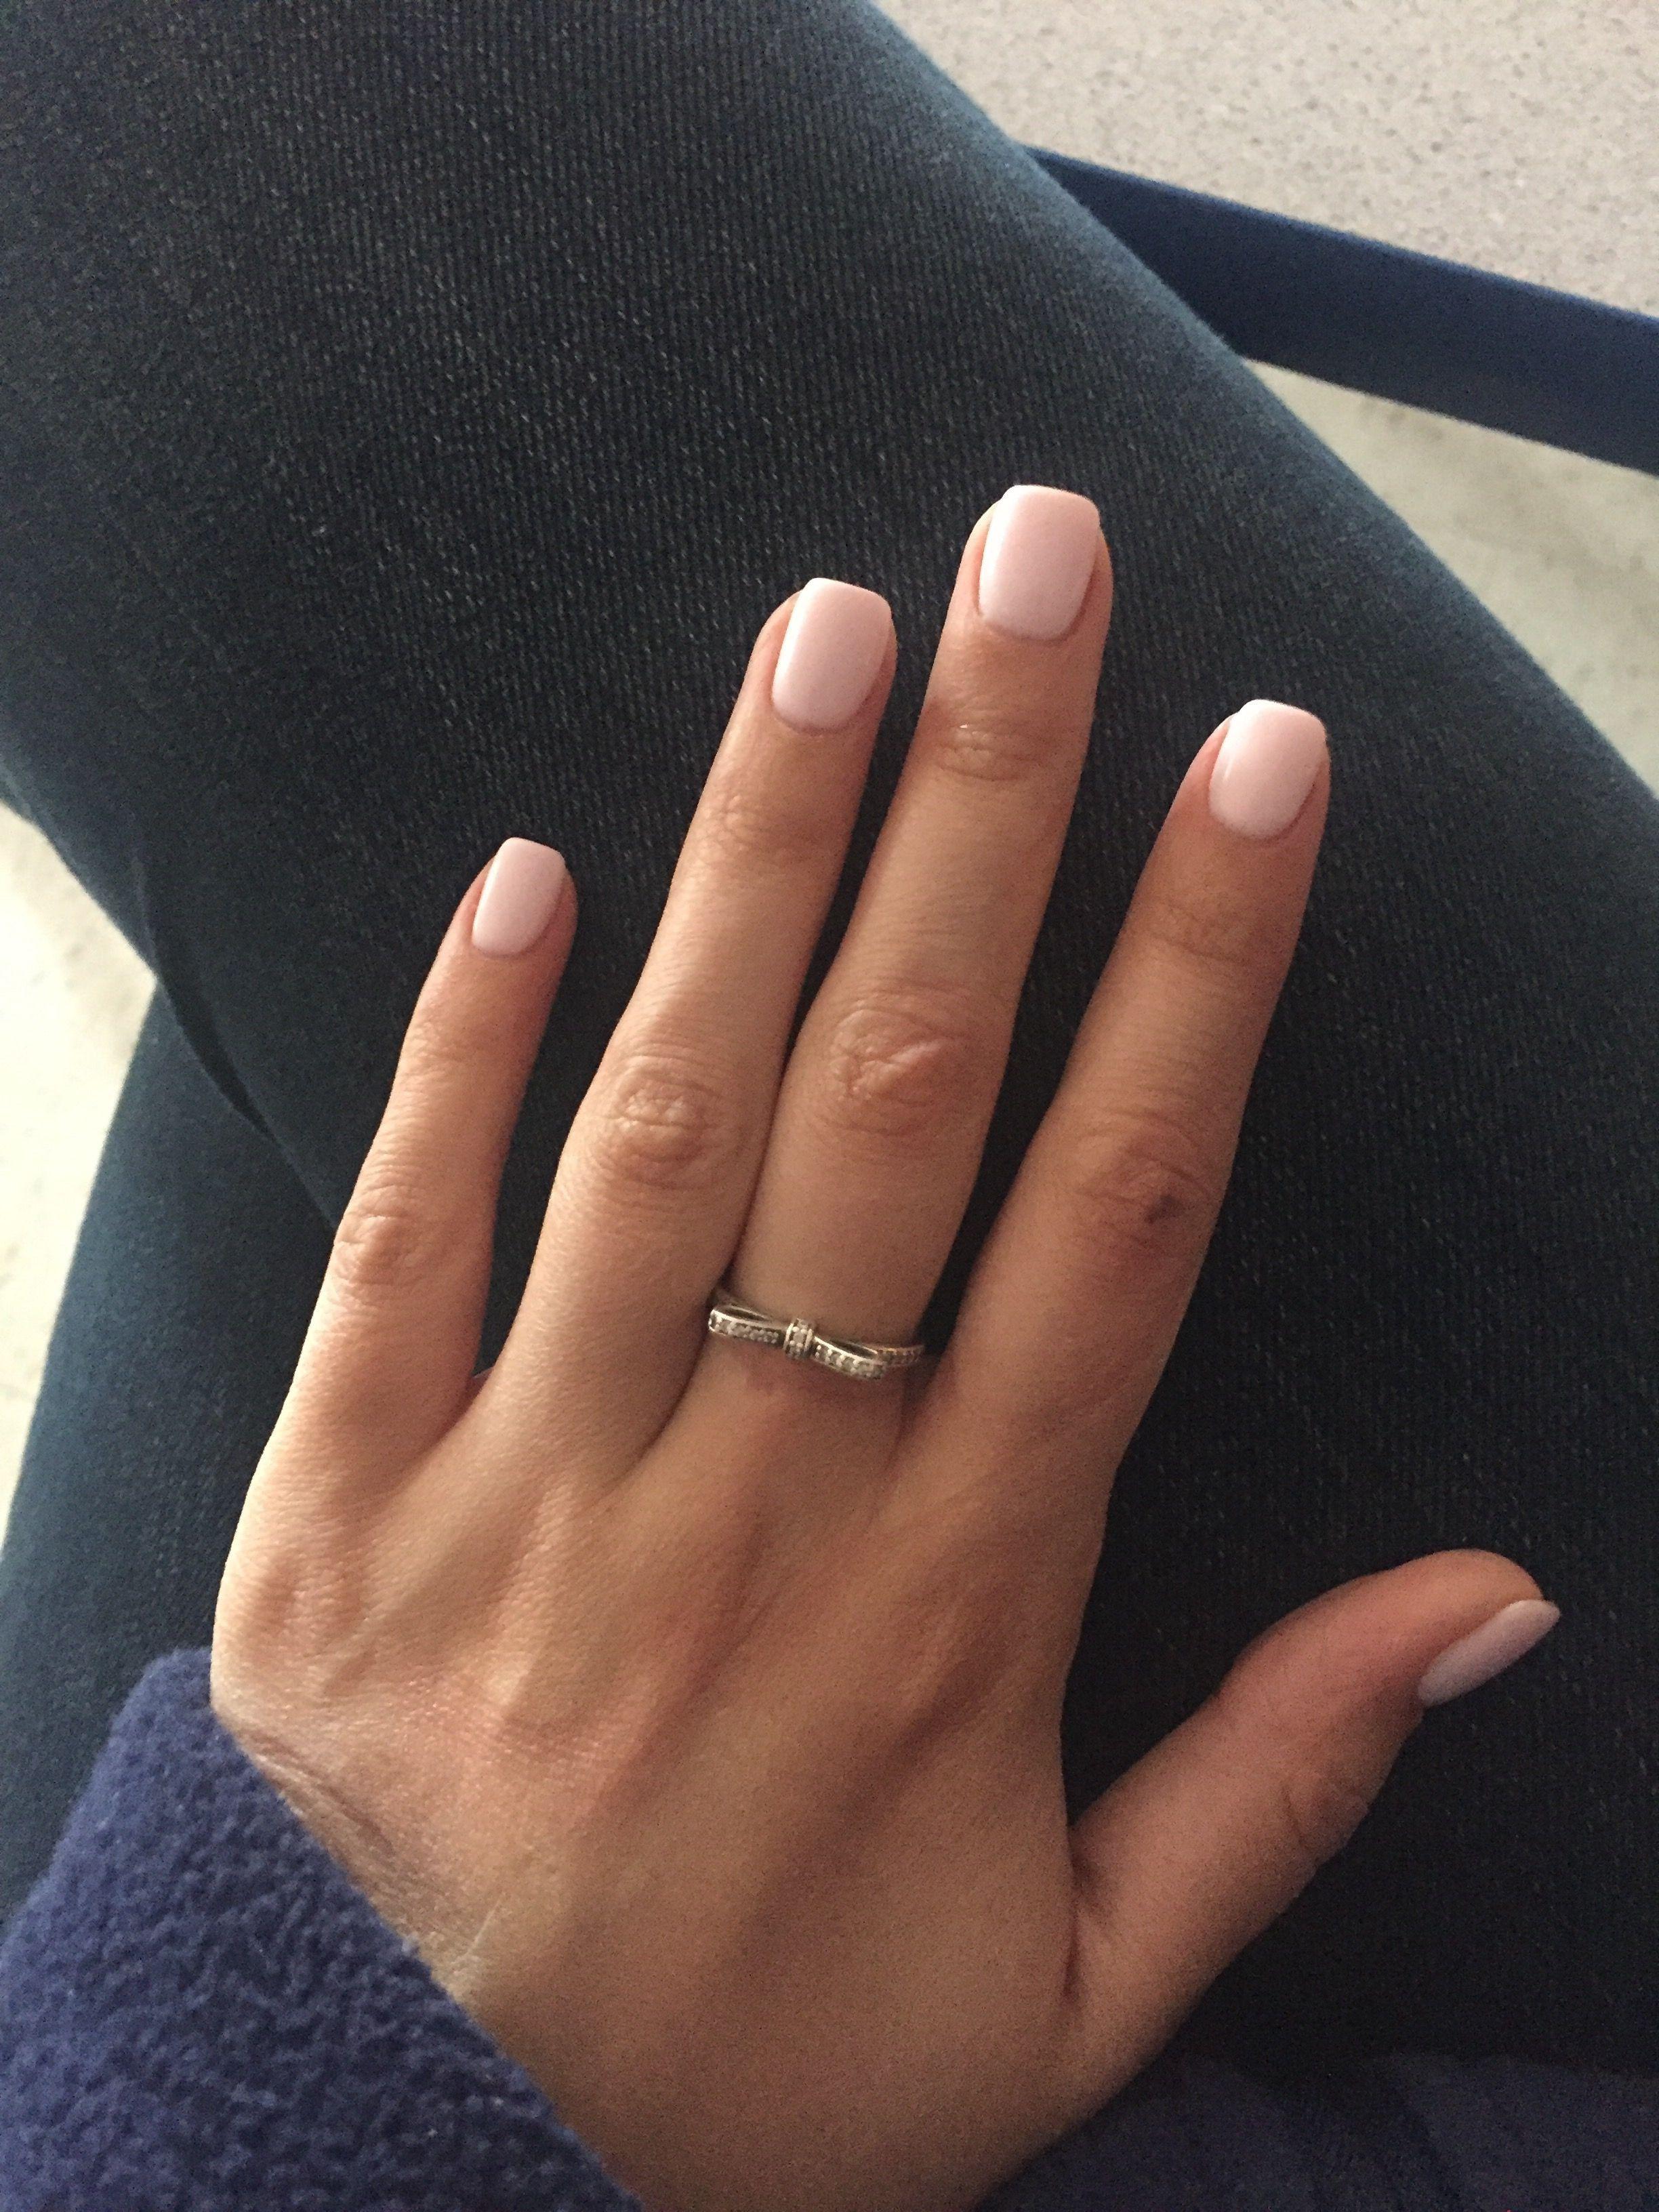 19 Unique Acrylic Nails Amazon Short Pink Square Acrylic Nails Nails Pinterest Square Acrylic 19 U Short Acrylic Nails Square Acrylic Nails Short Gel Nails